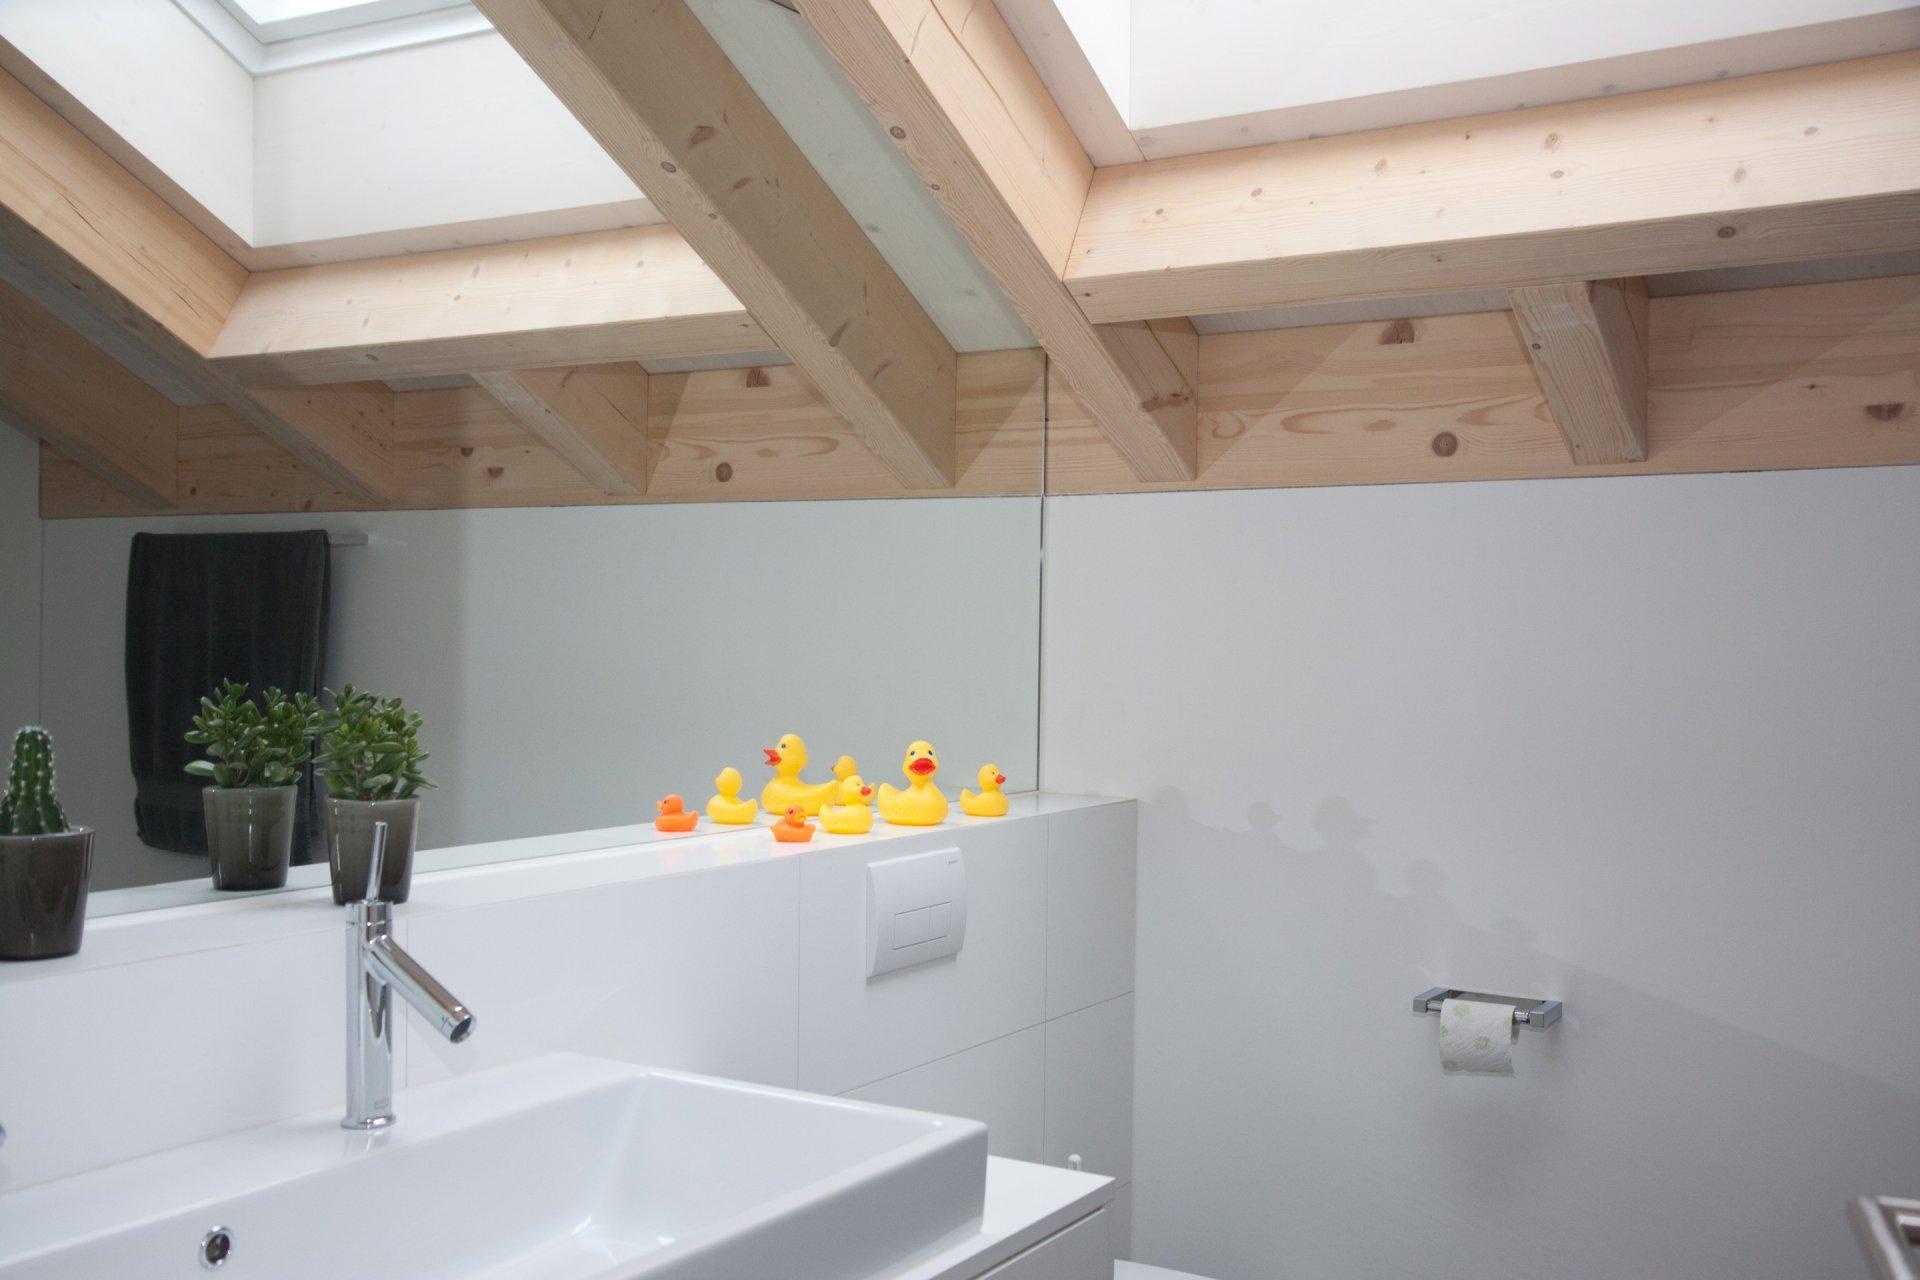 Holzbautechnik burch ag sarnen luzern holzbau for Neubau einfamilienhaus